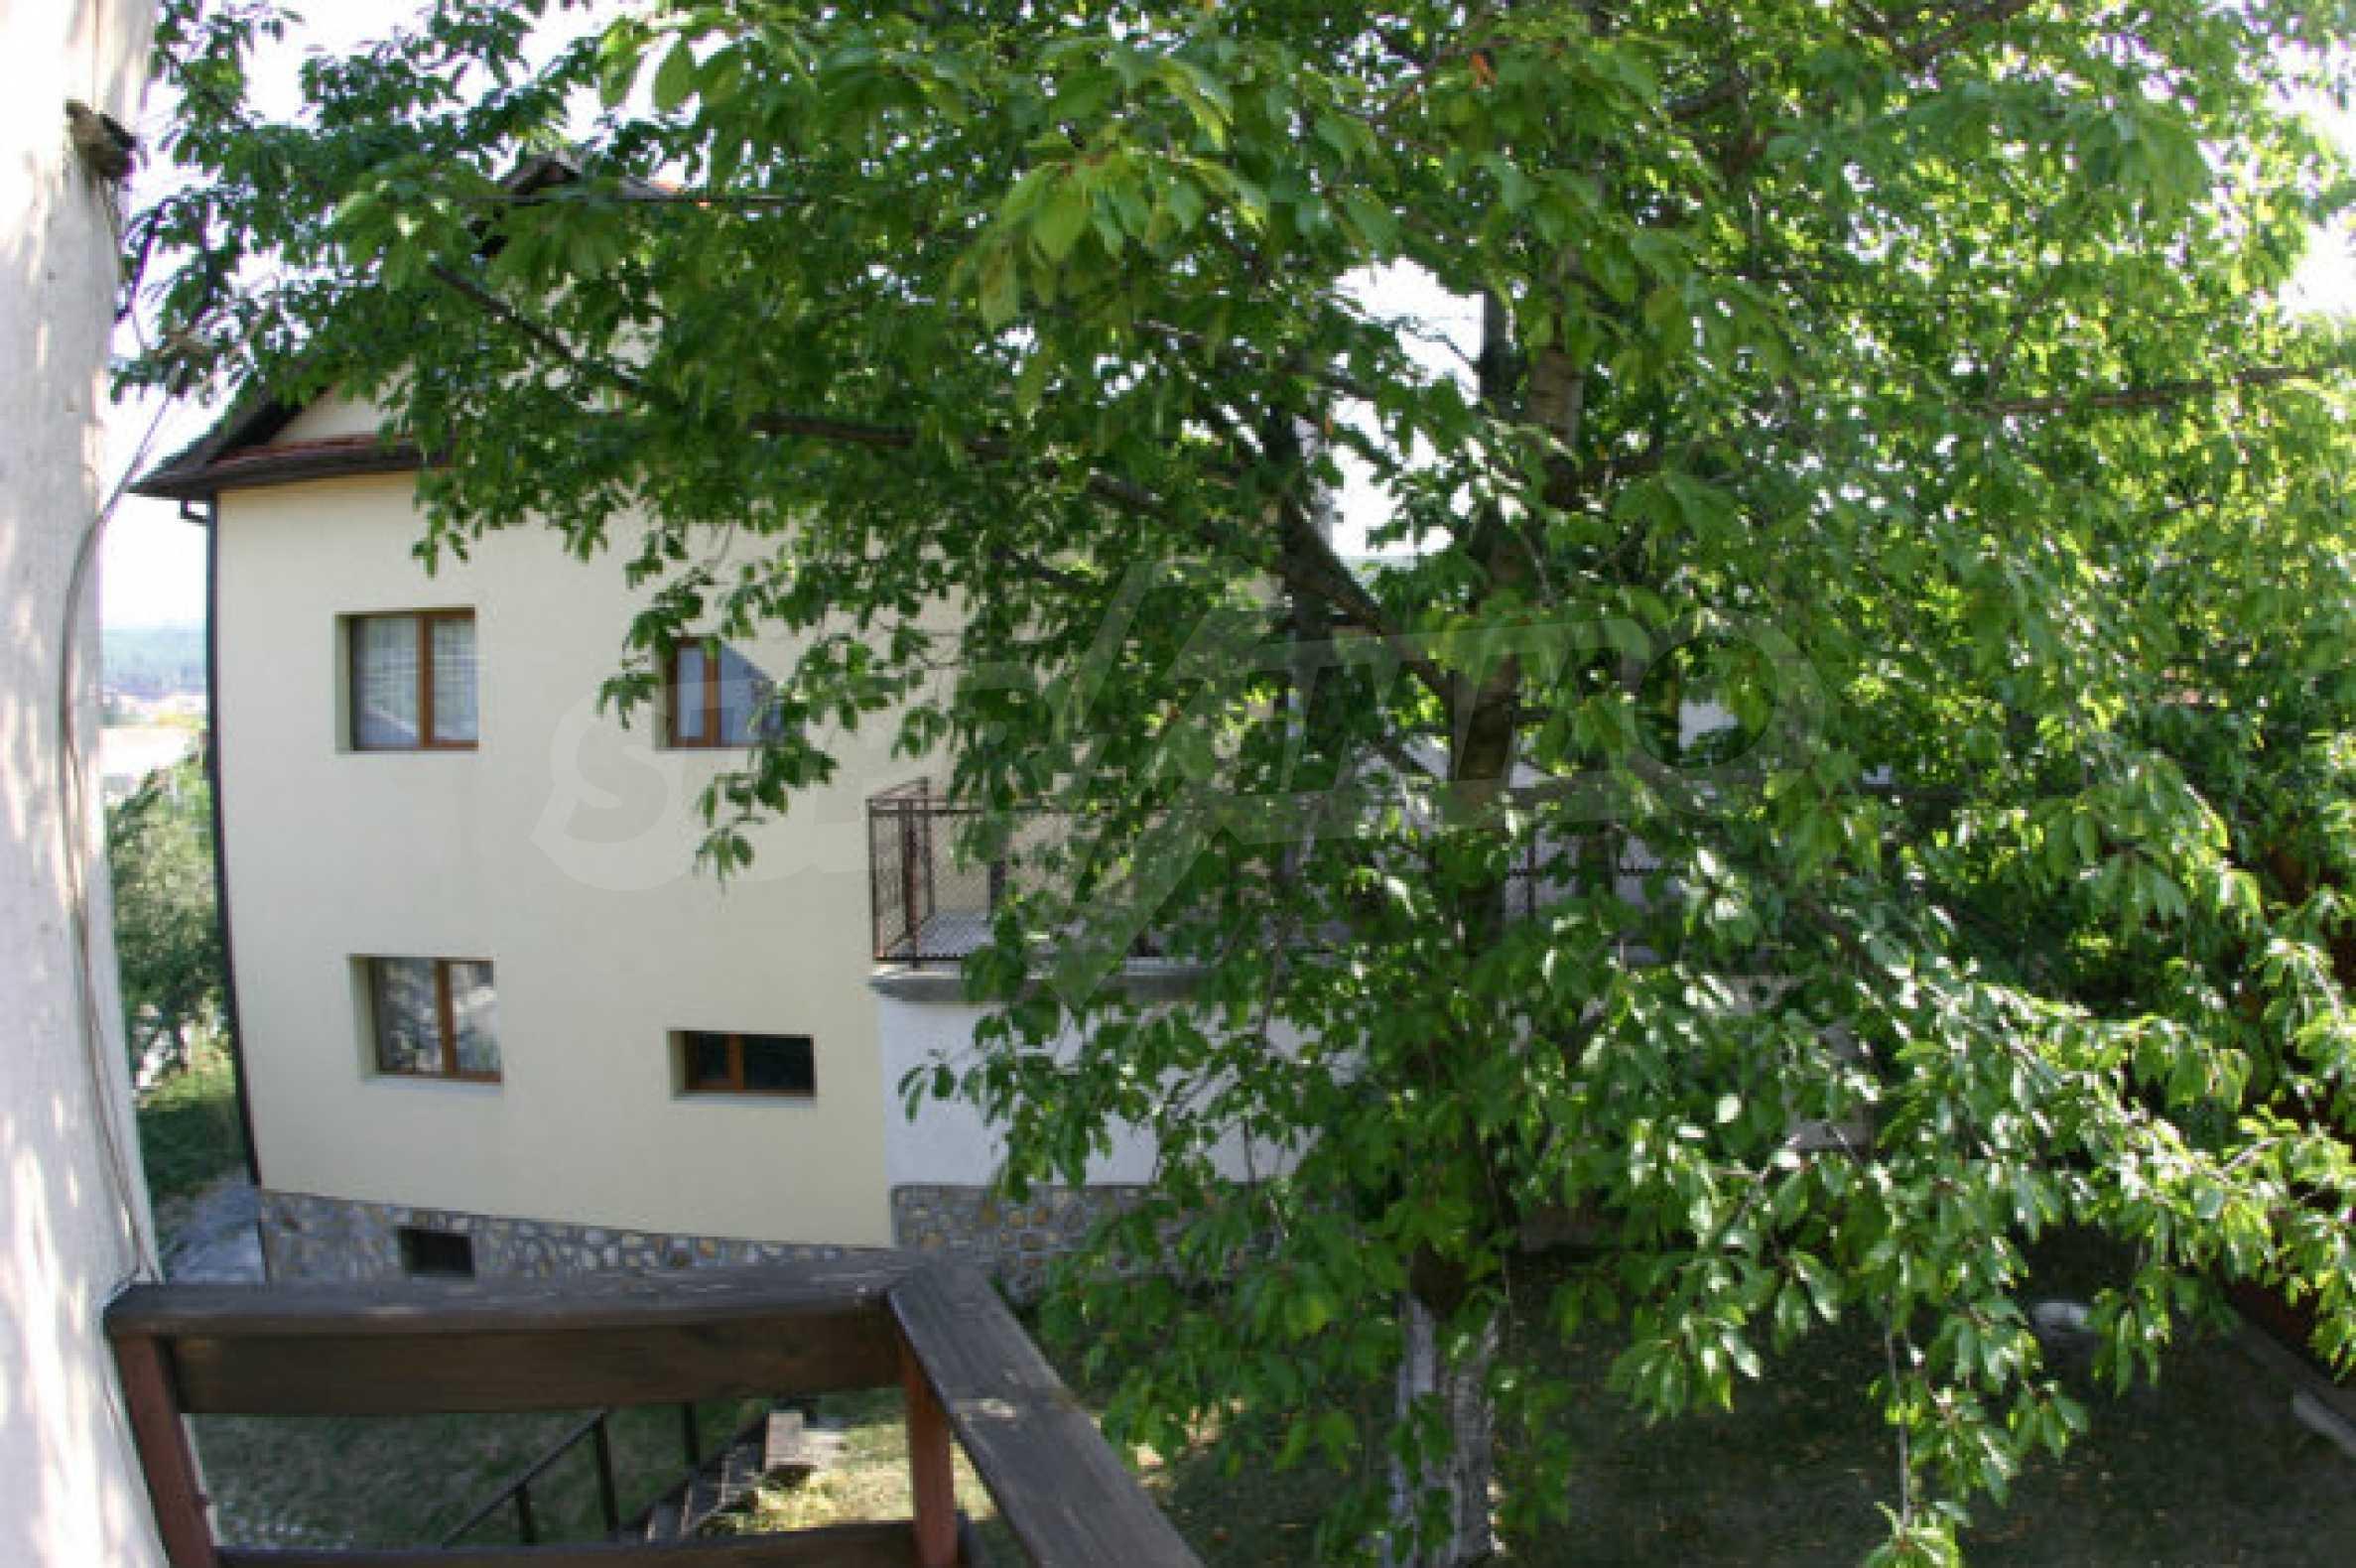 Familienhotel zum Verkauf in Dobrinischte, 6 km von Bansko entfernt 21